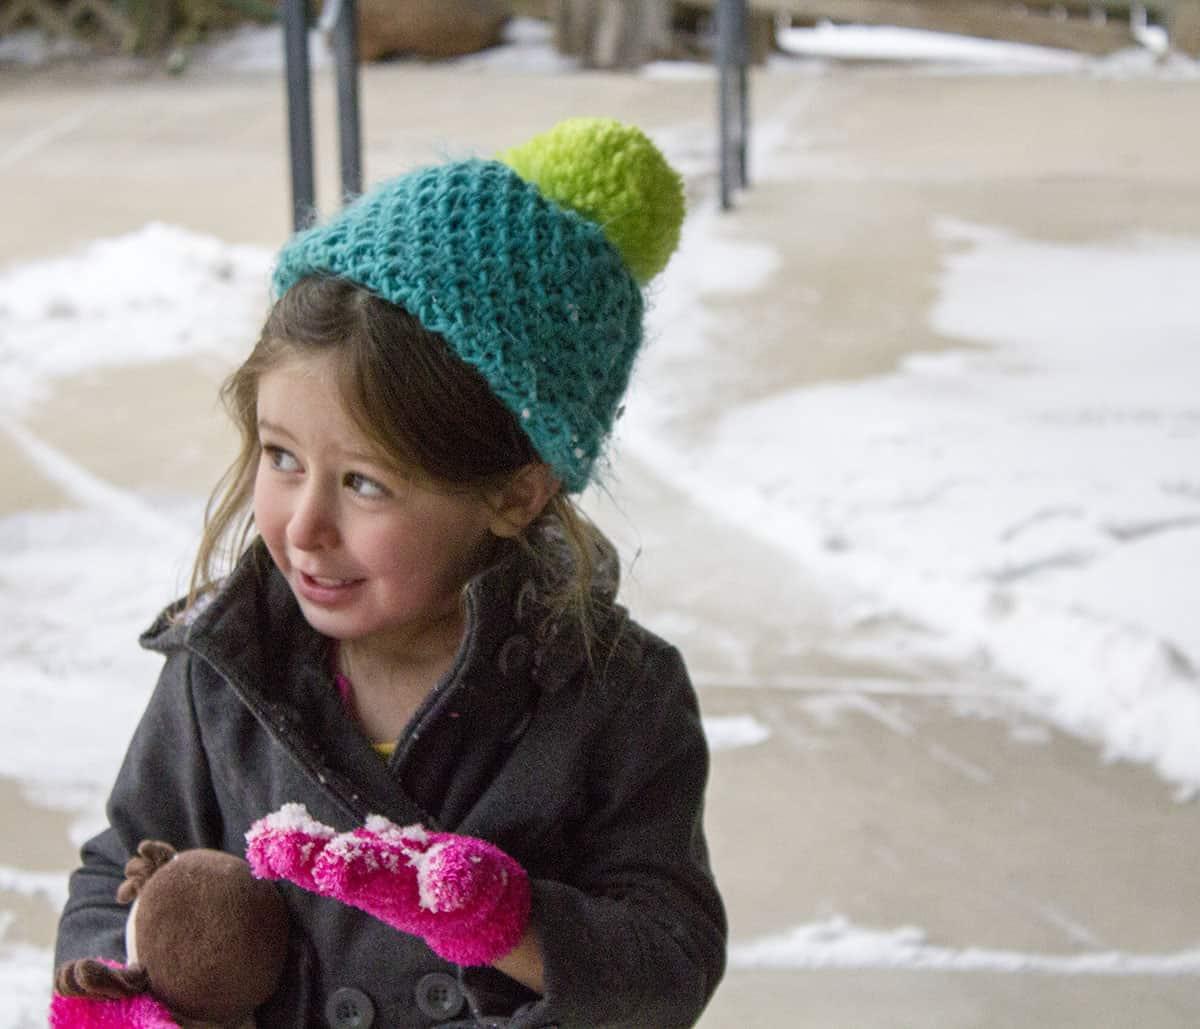 7 Outdoor Activities for Kids in the Winter